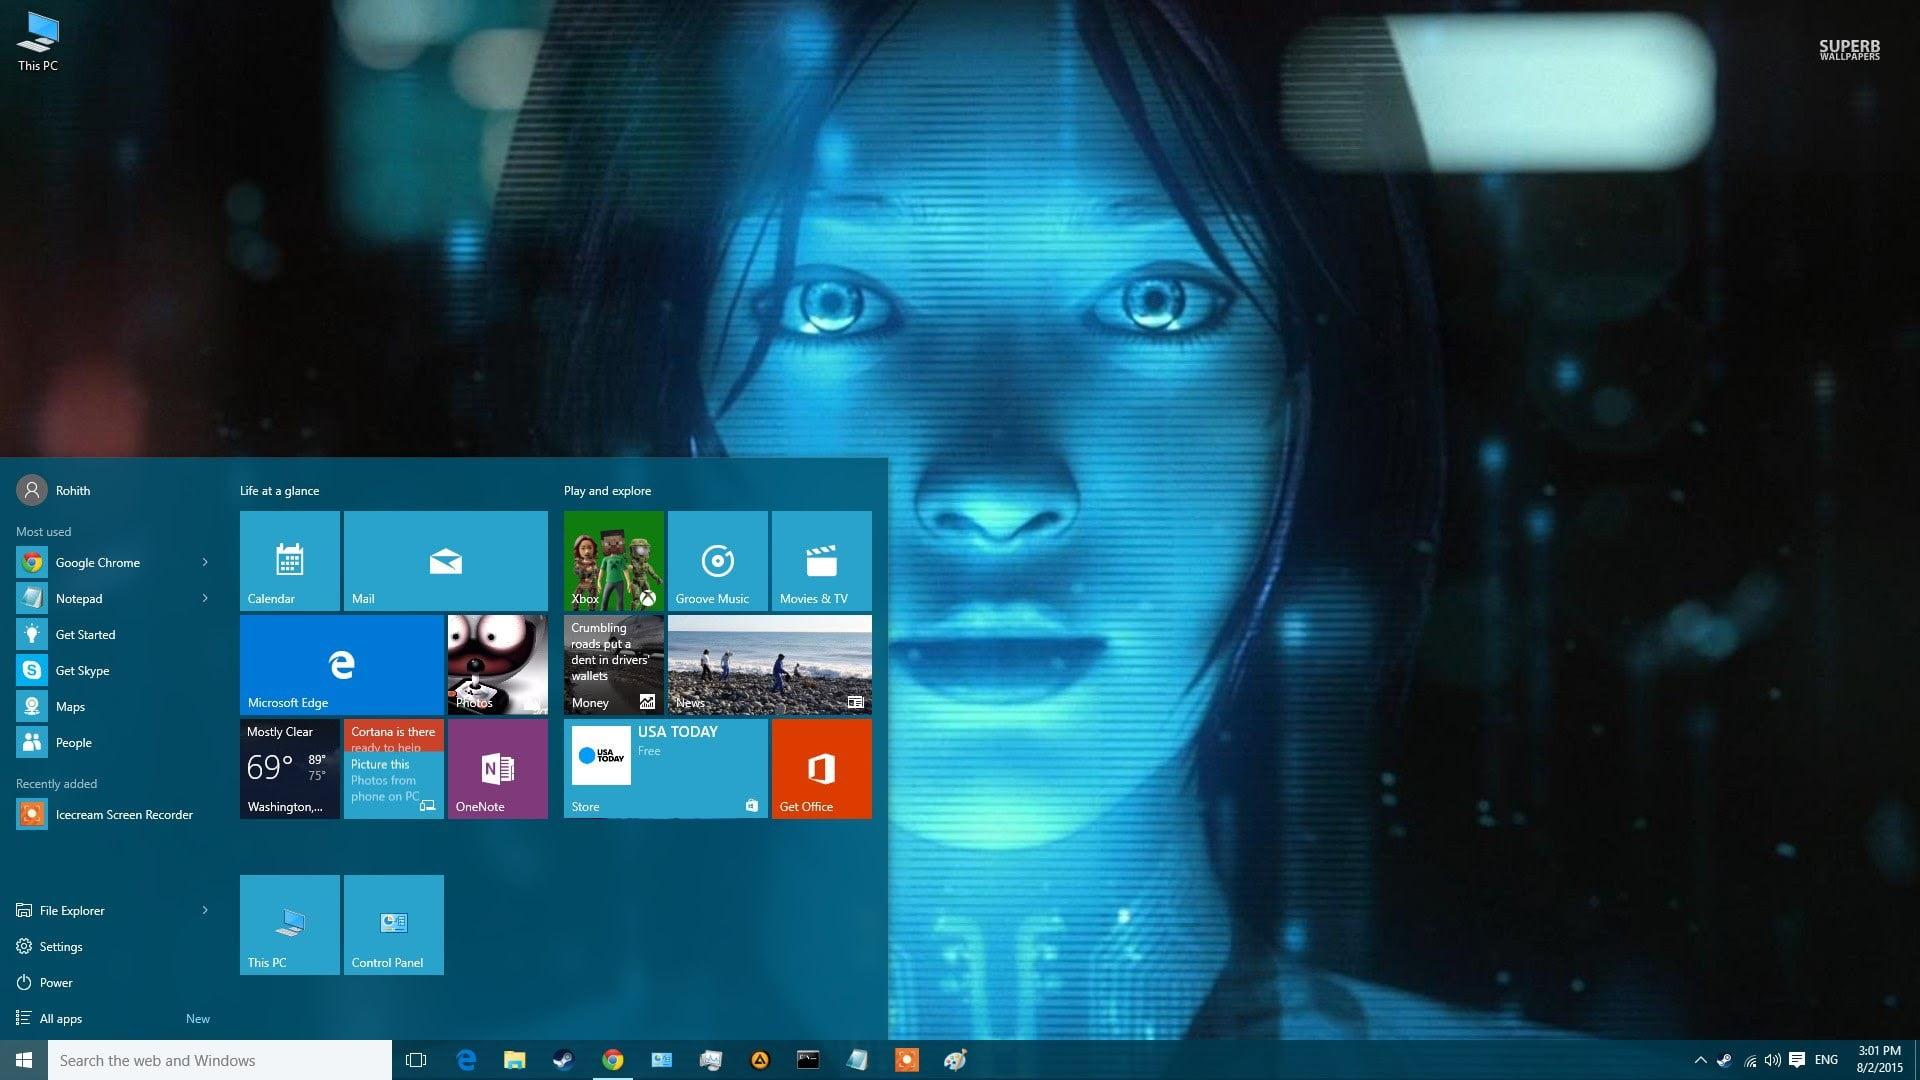 Microsoft Search Una Búsqueda única Para Windows 10